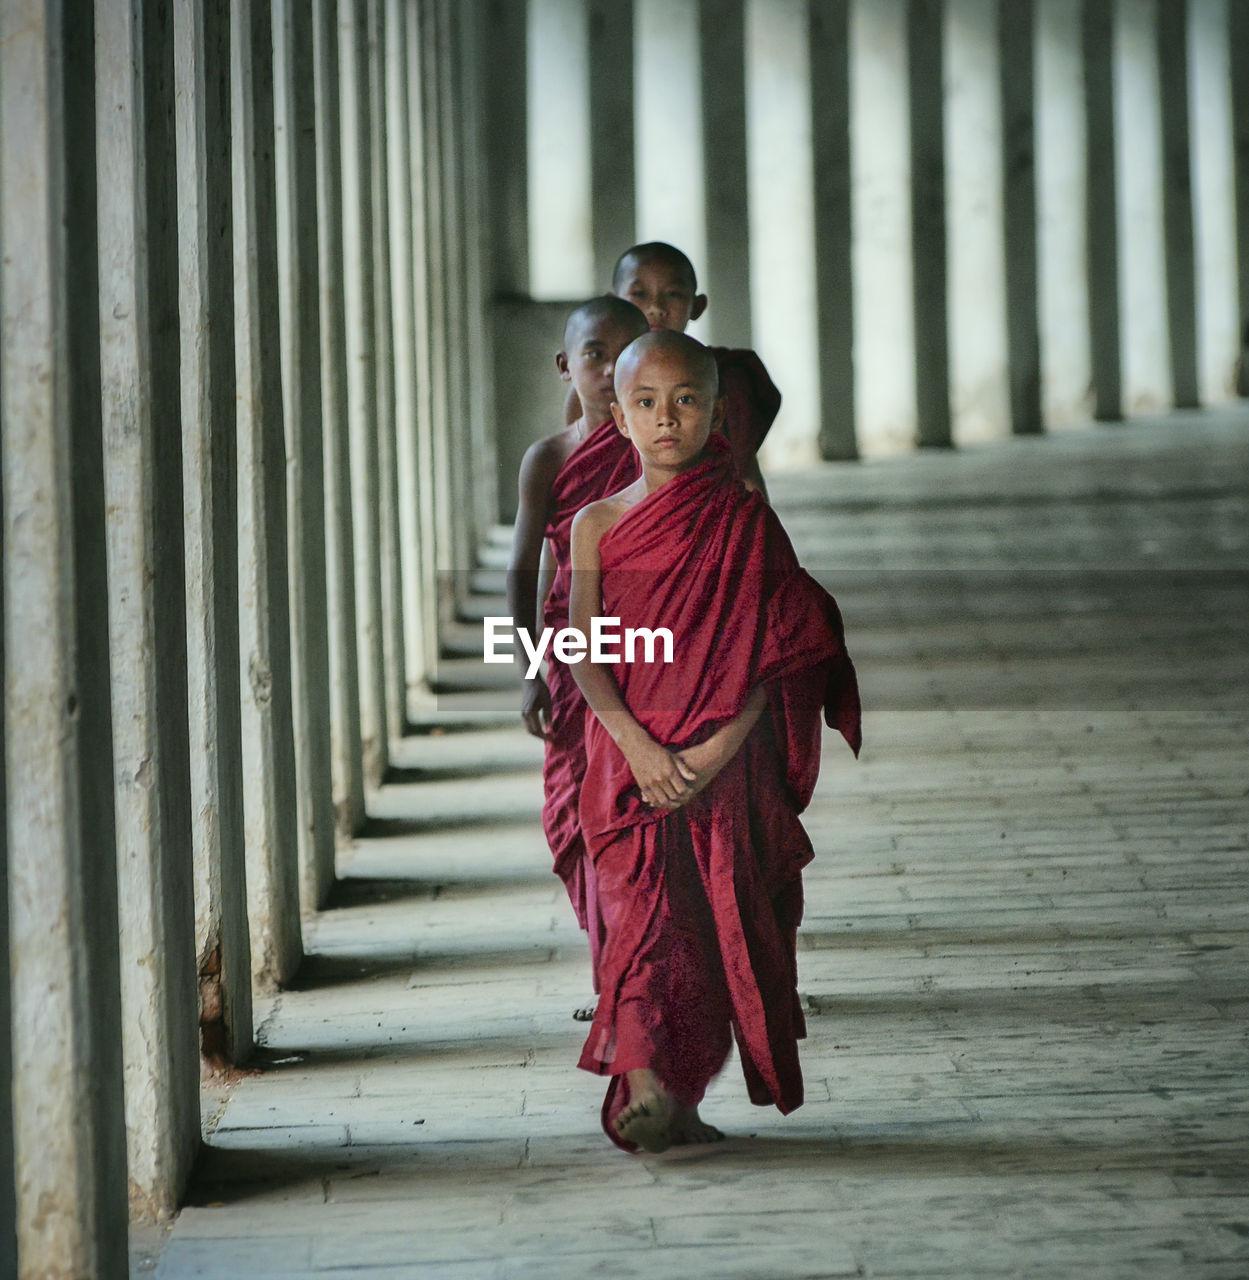 Monks walking in temple